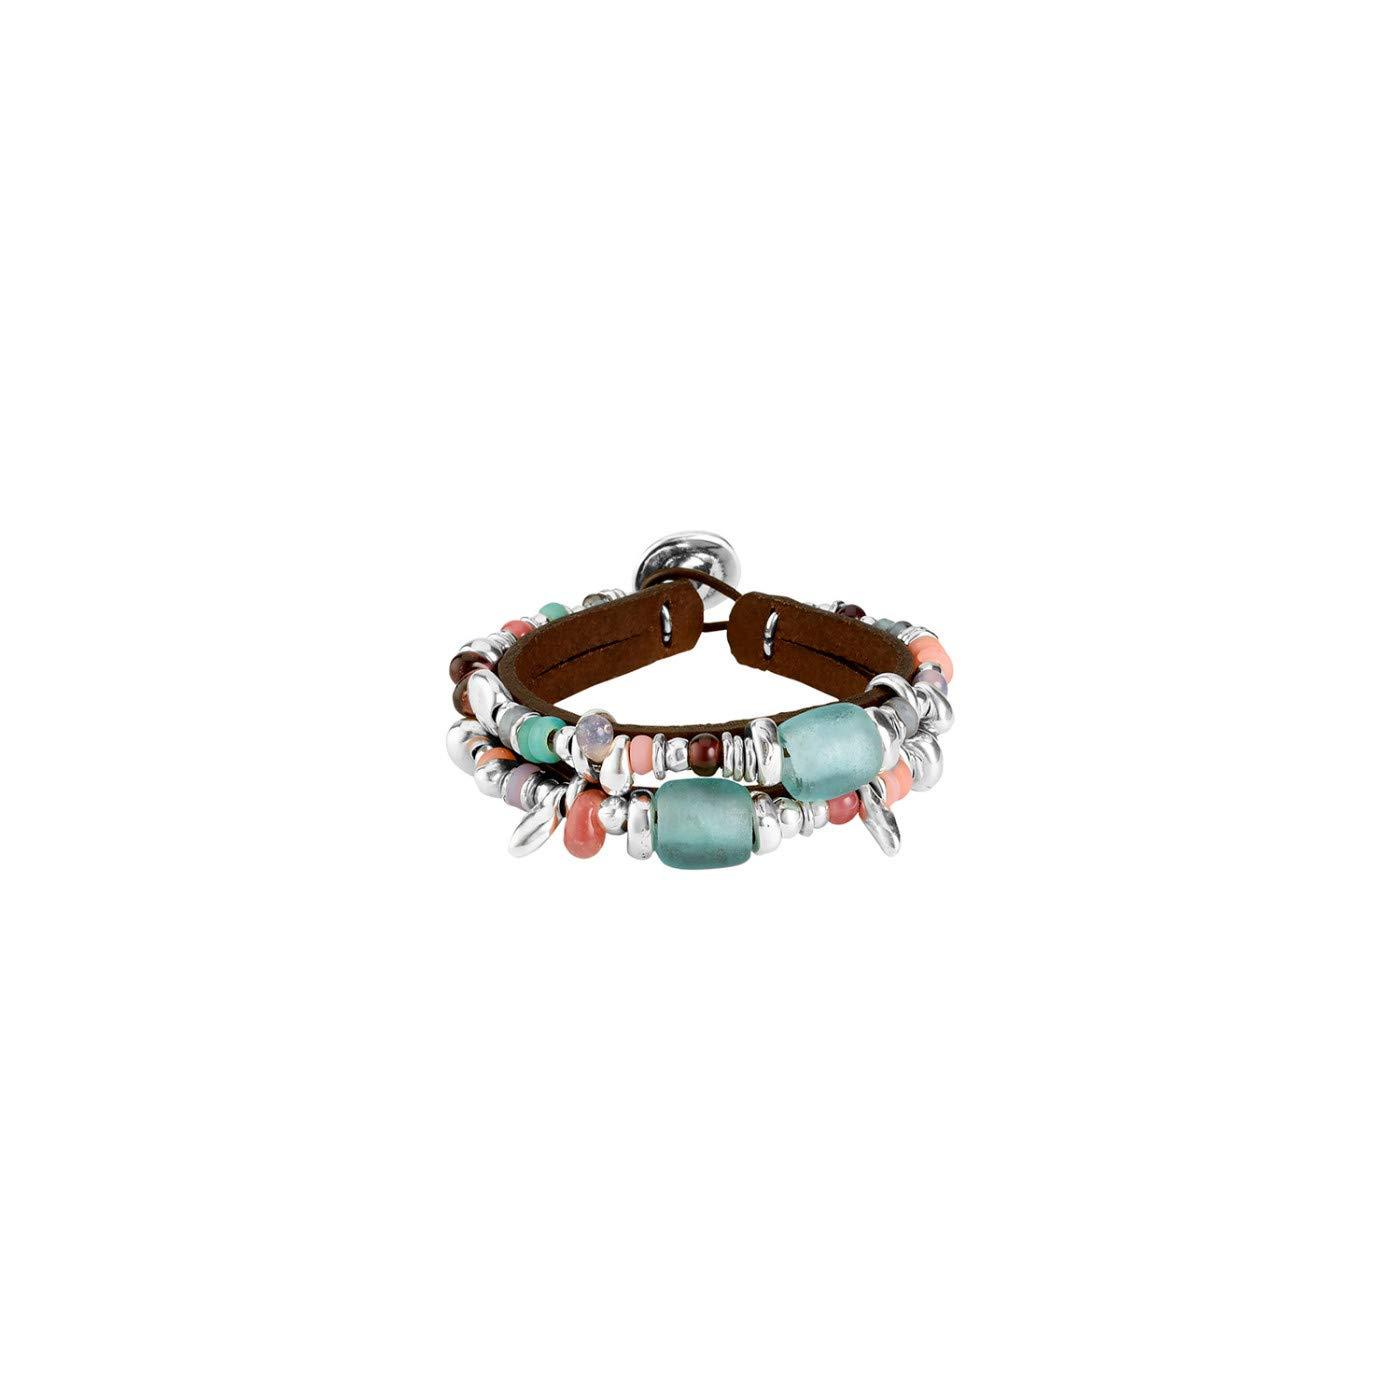 Uno de 50 Bracelet Feelings PUL1736MCLMAR0M